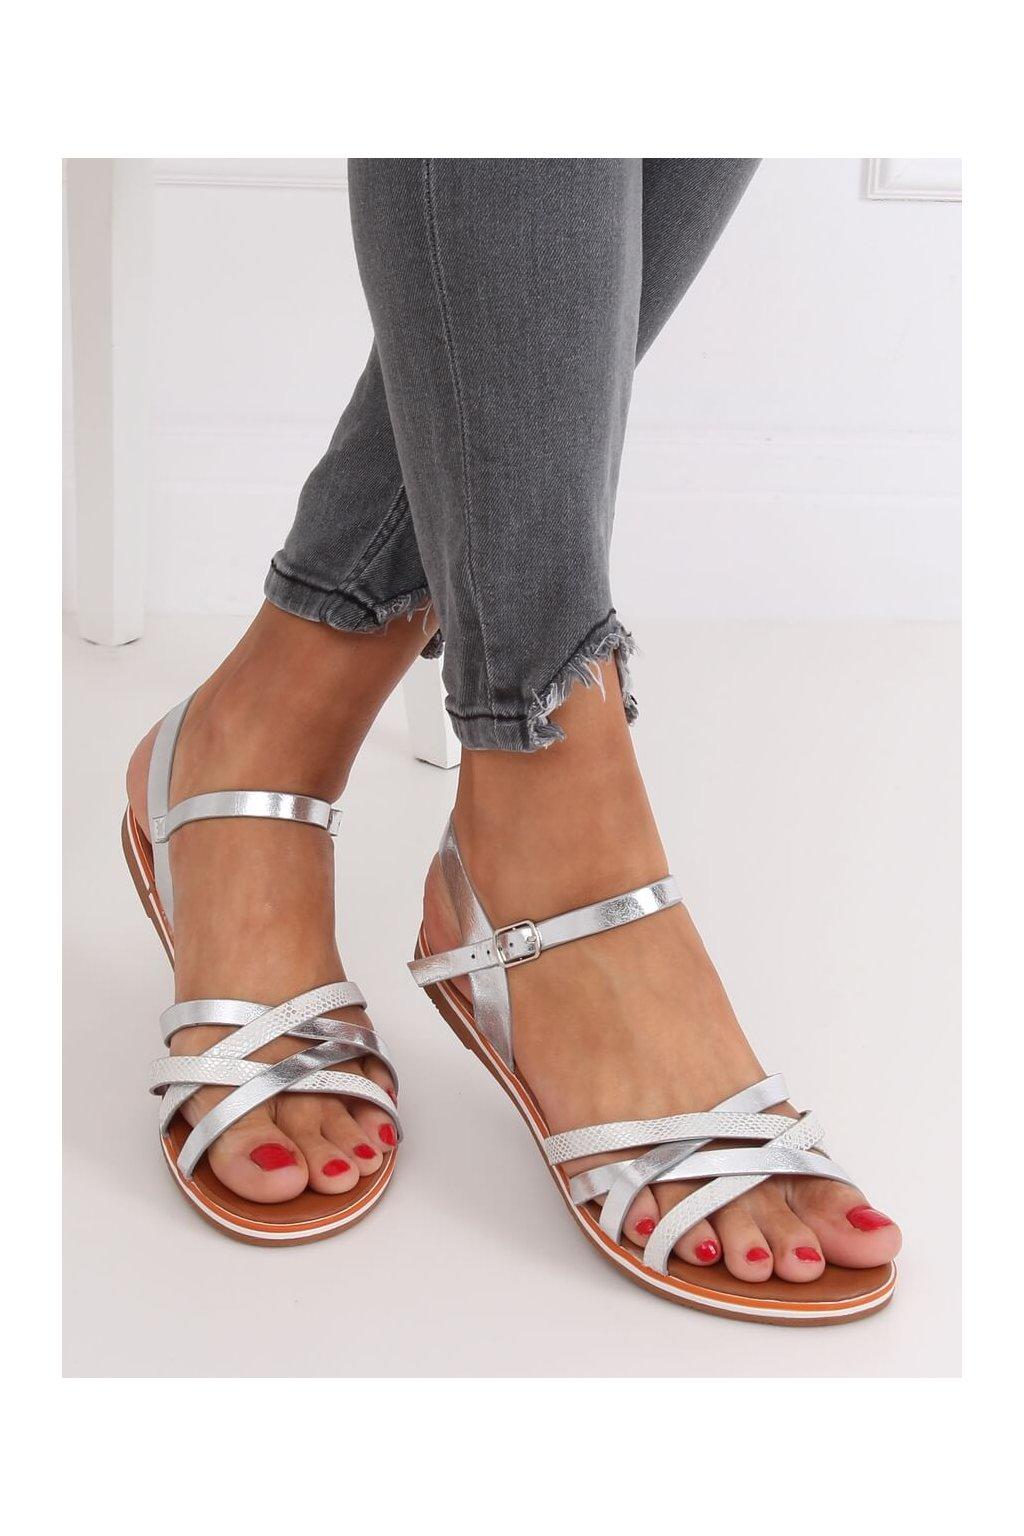 Dámske sandále sivé na plochom podpätku NJSK 99-62